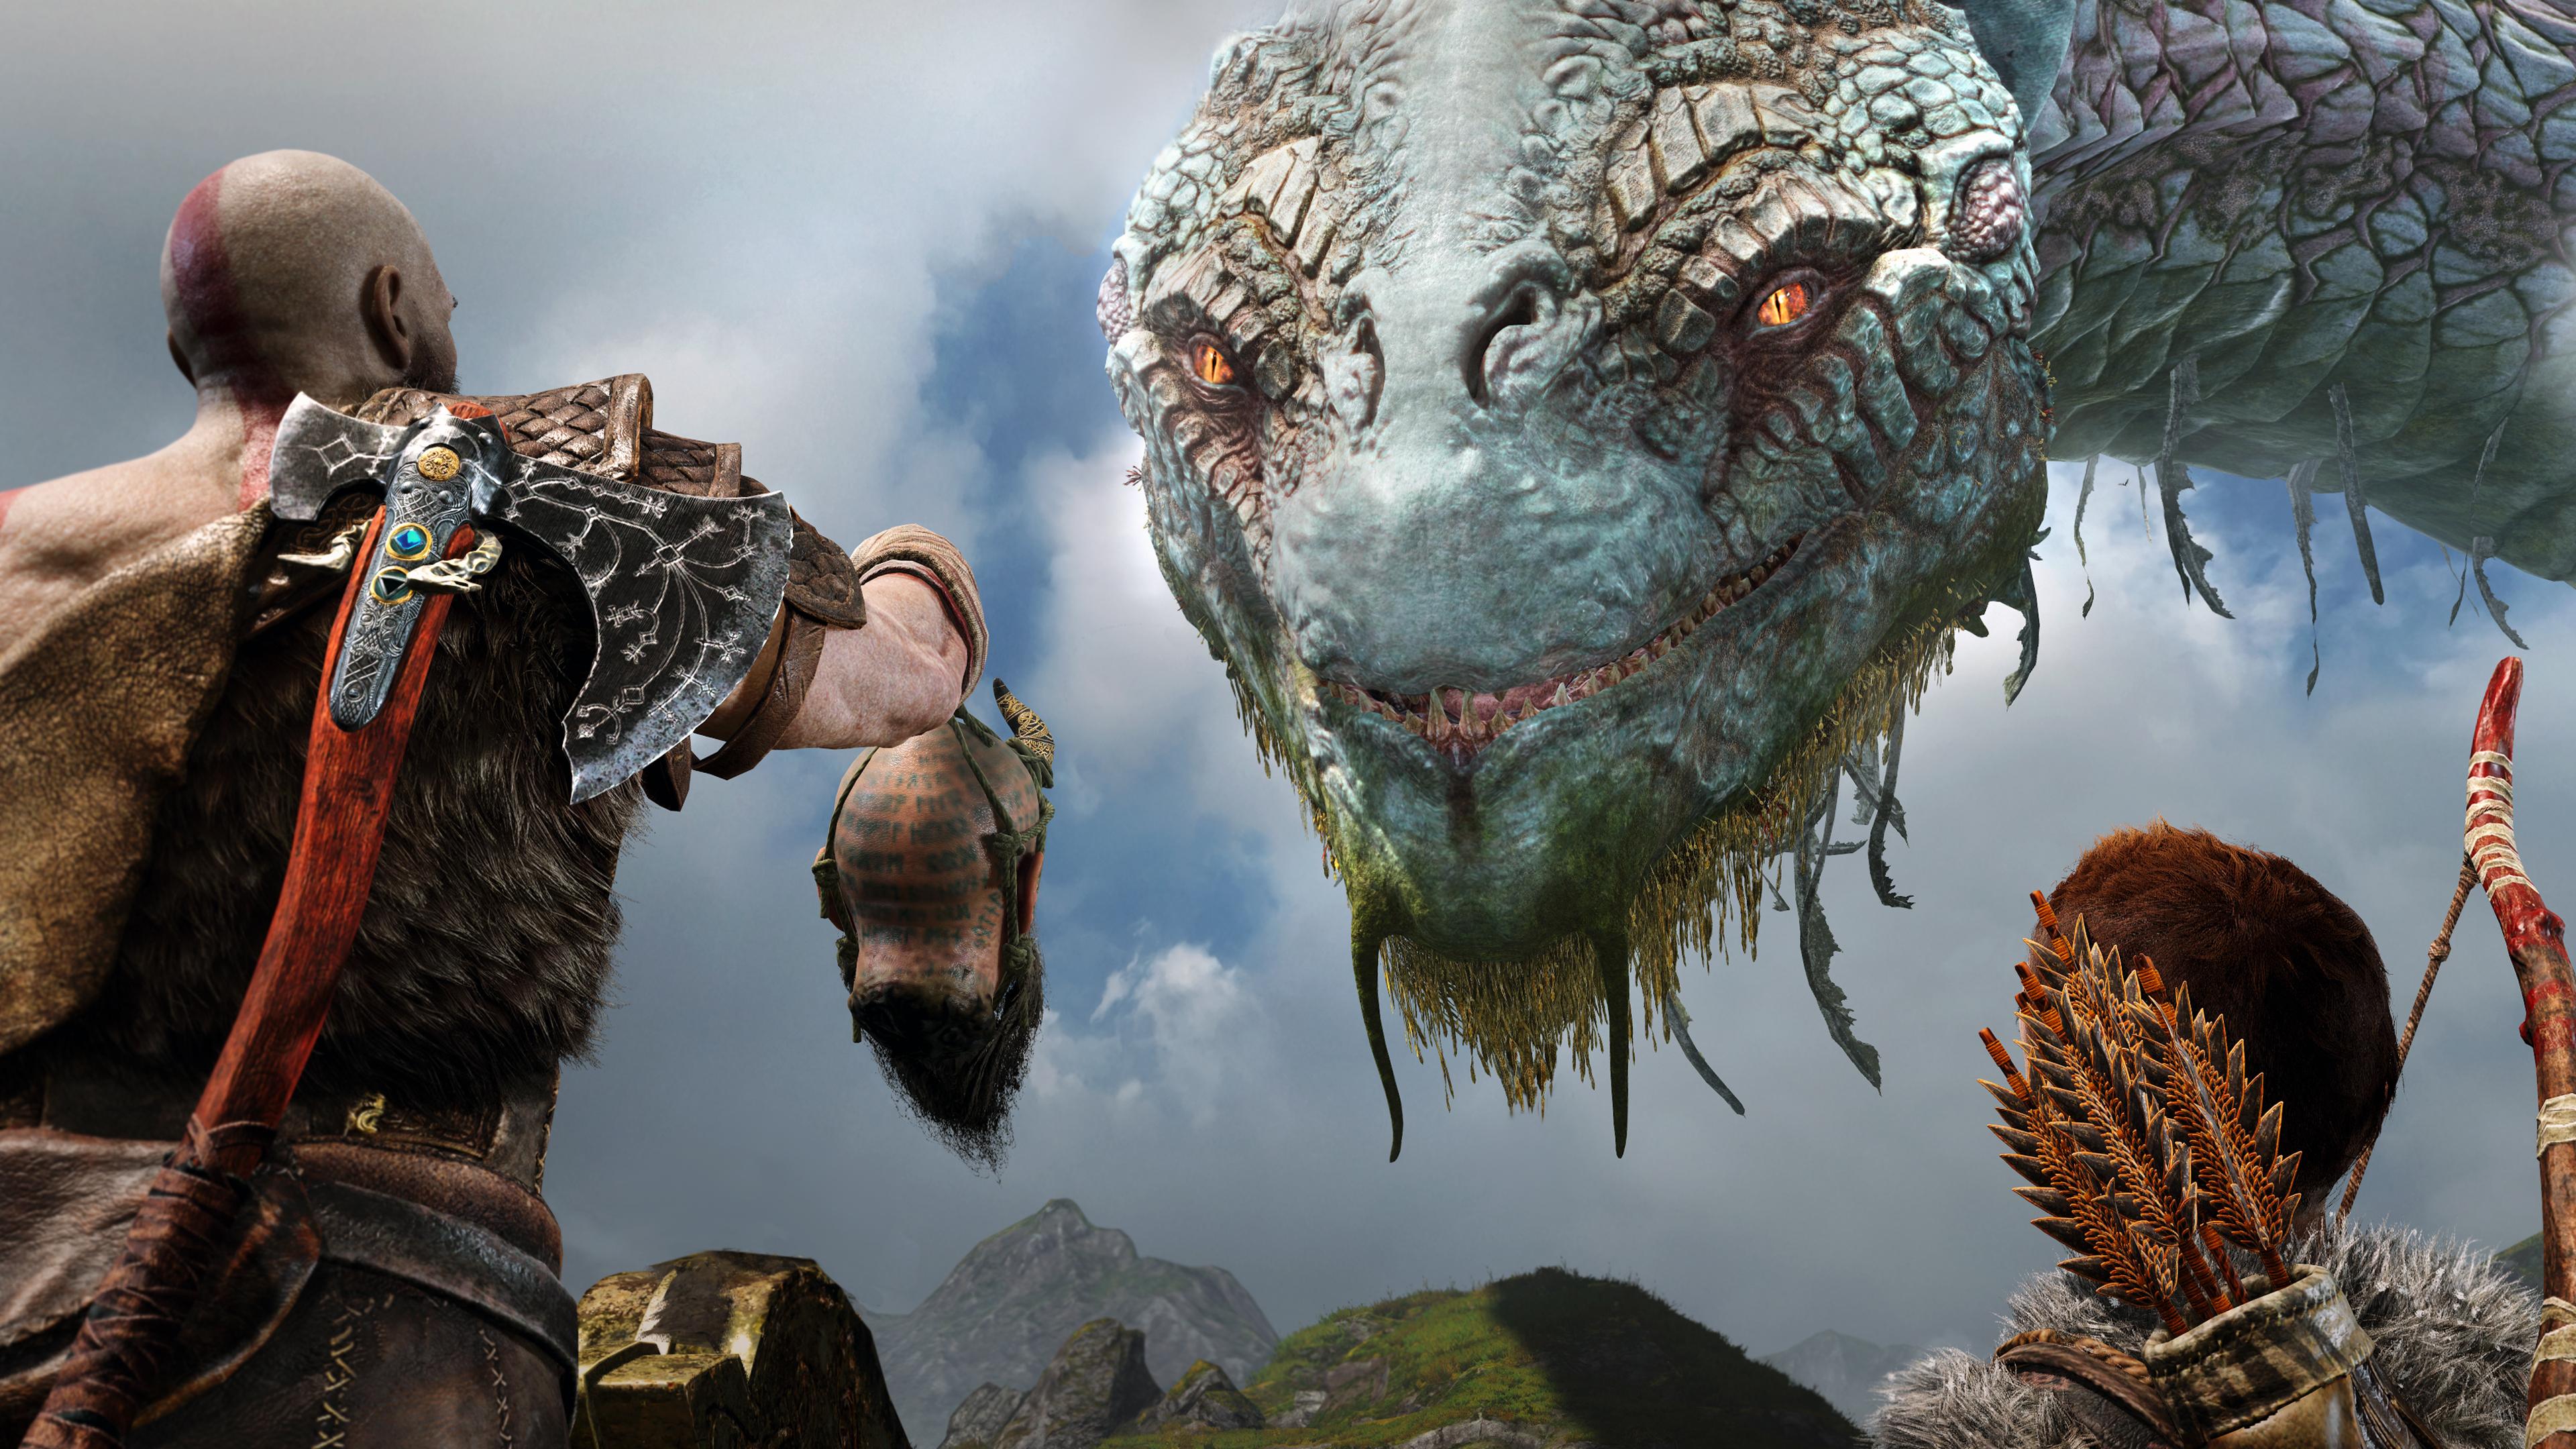 God Of War 4 2018 4k Hd Games 4k Wallpapers Images